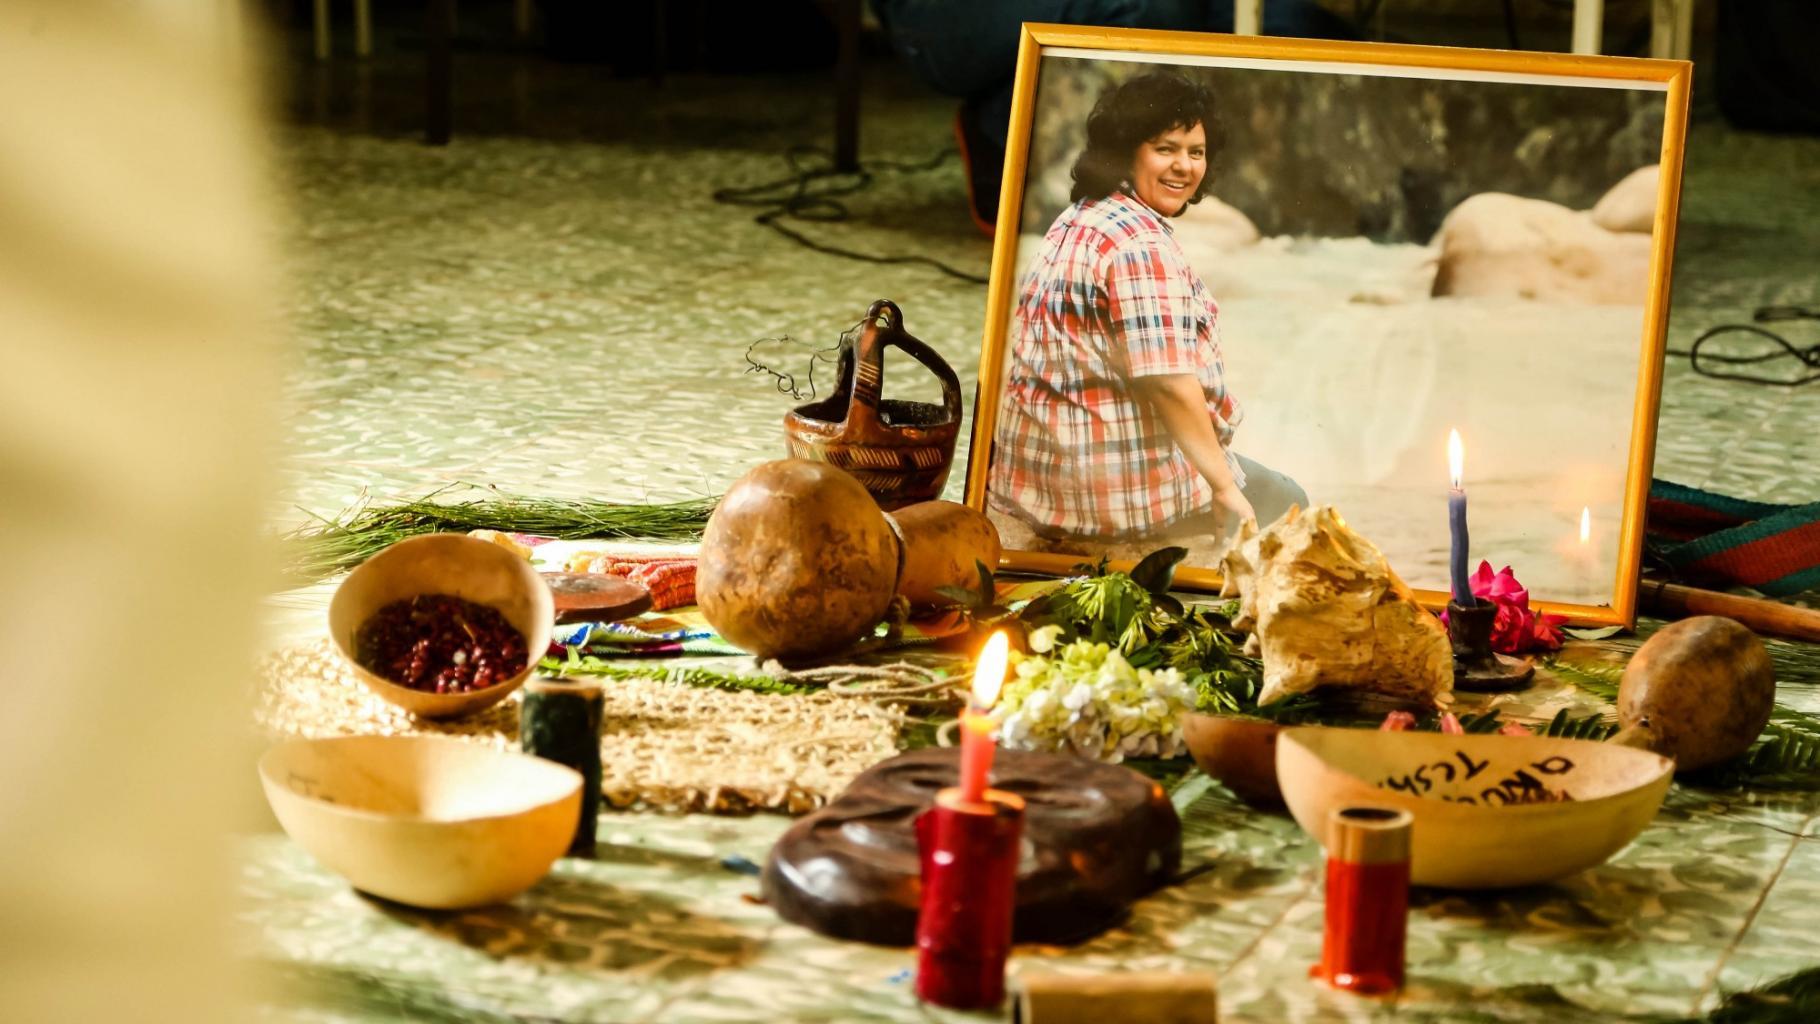 Ein Schrein mit einem kleinen Foto von Berta Cáceres und Kerzen, Blumen, Schalen und anderen kleinen Gegenständen